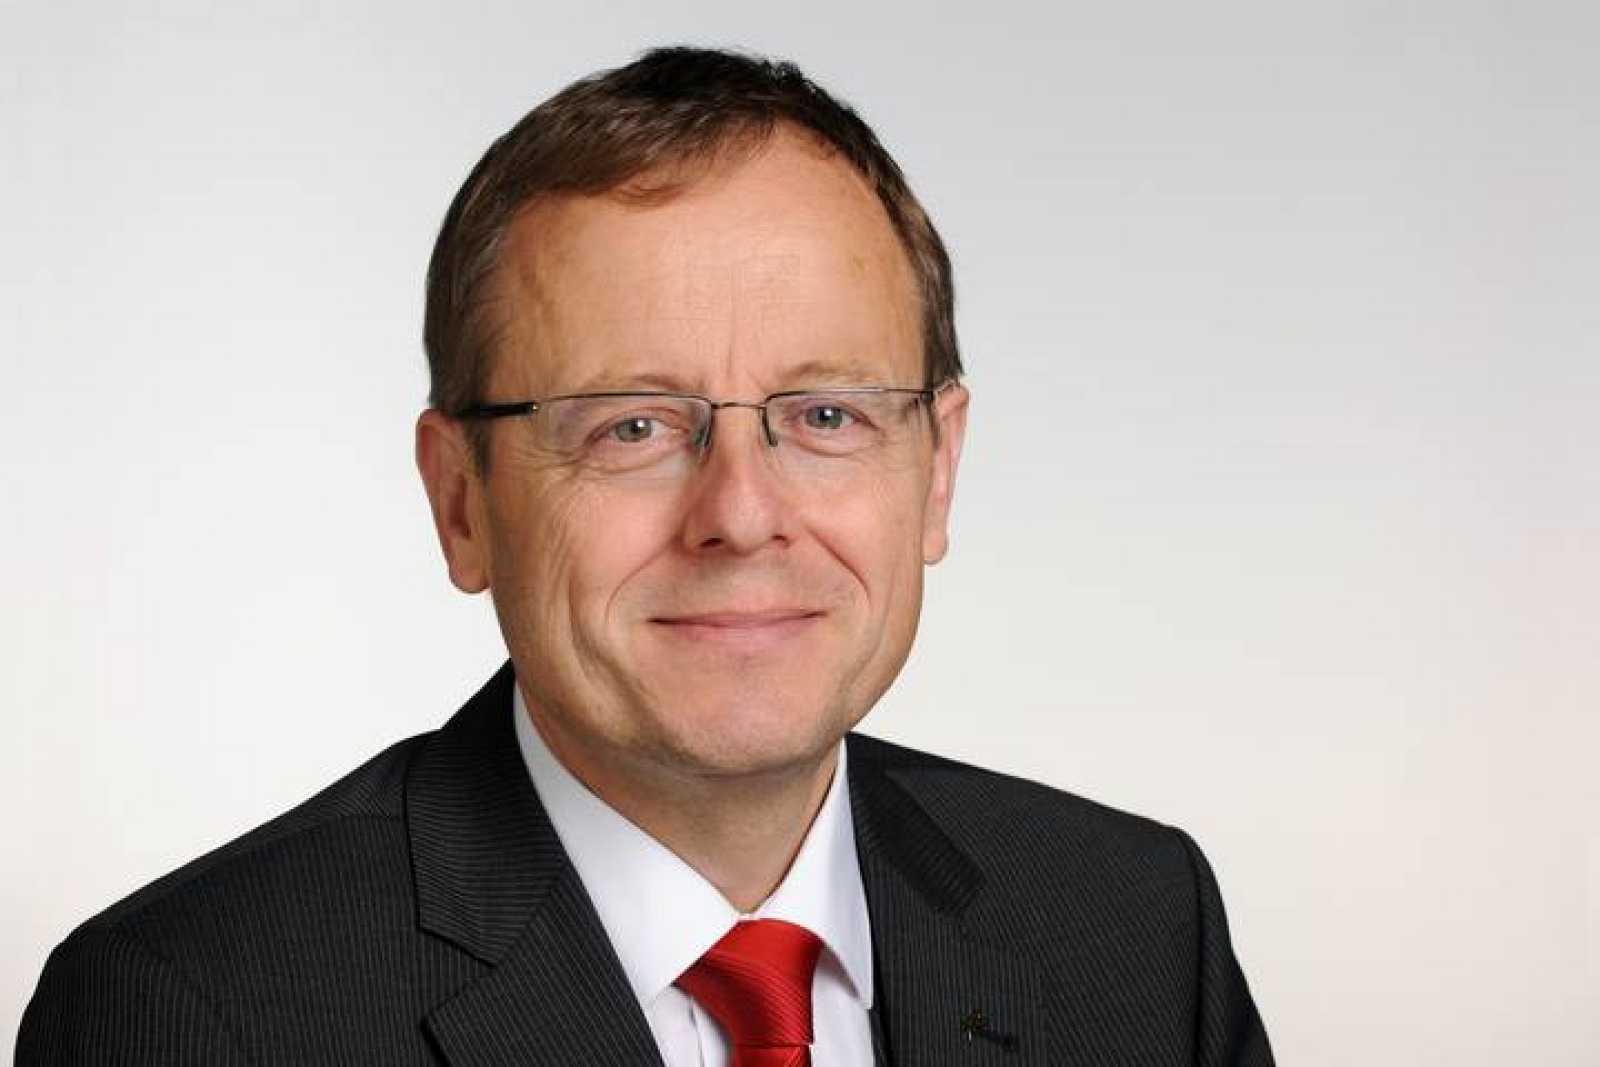 El ingeniero alemán Johann-Dietrich Wörner, director general de la ESA a partir de 2015.